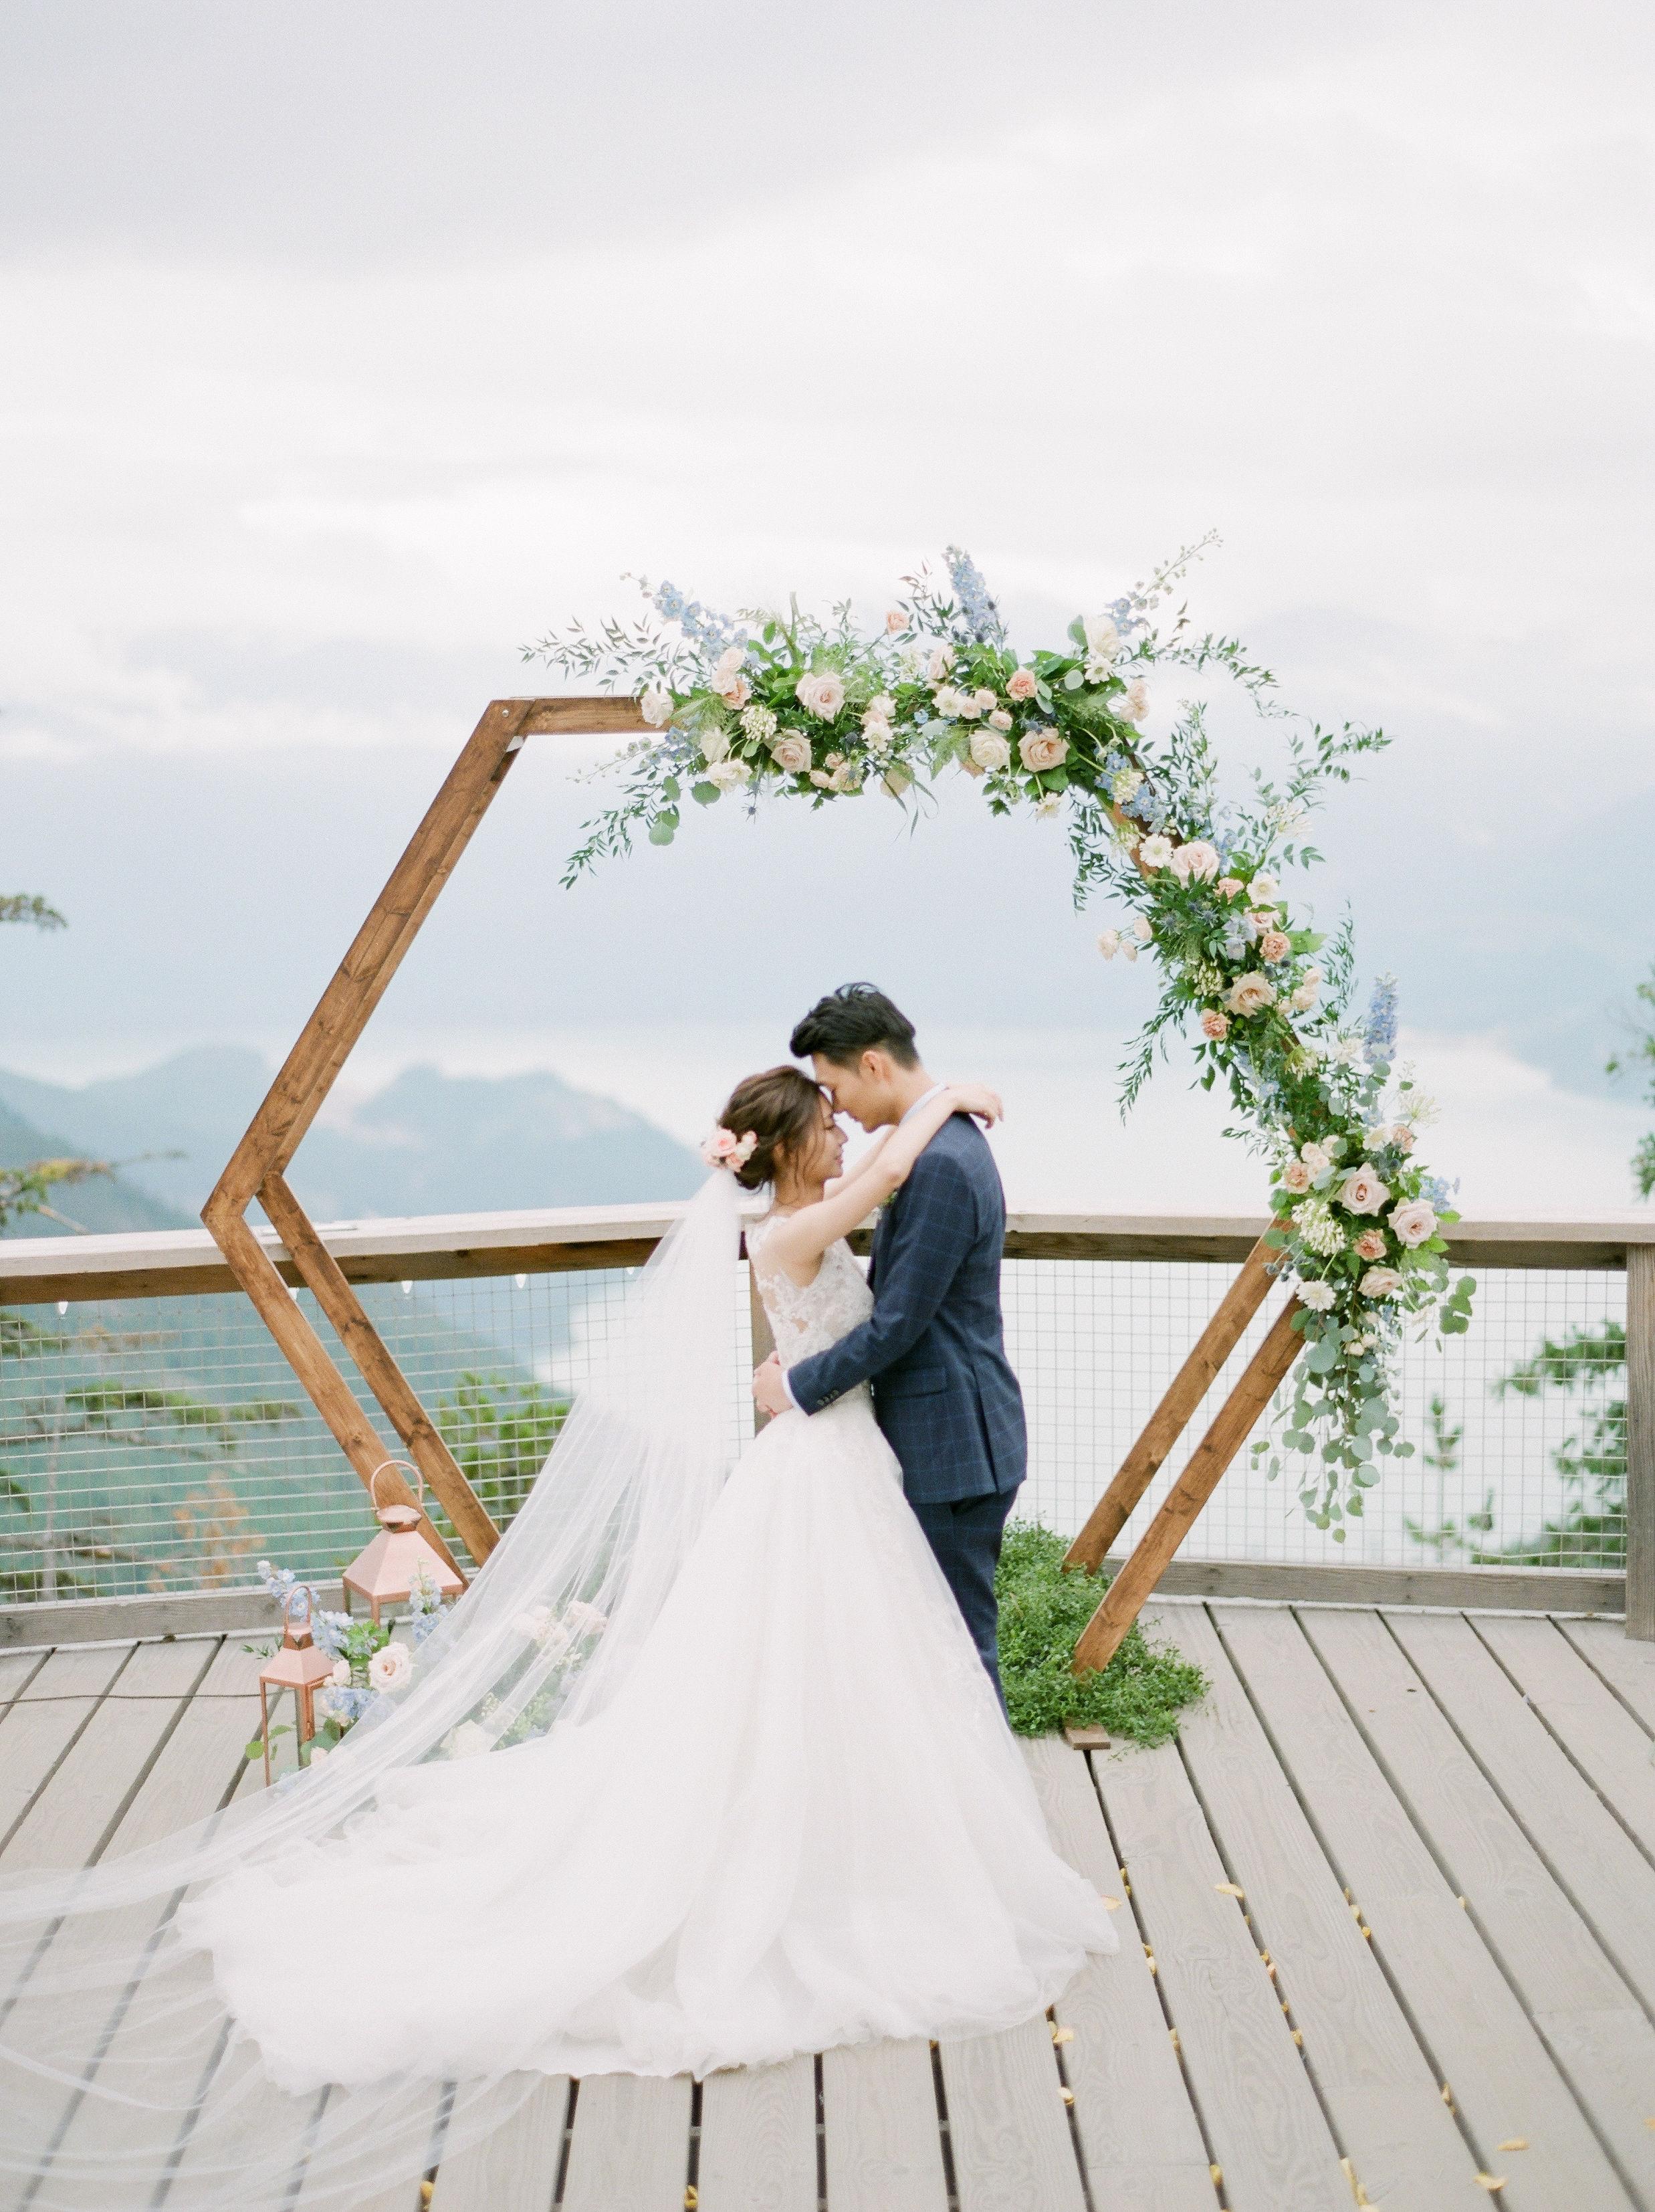 Sea_To_Sky_Wedding_SylviaRufus-629.jpg